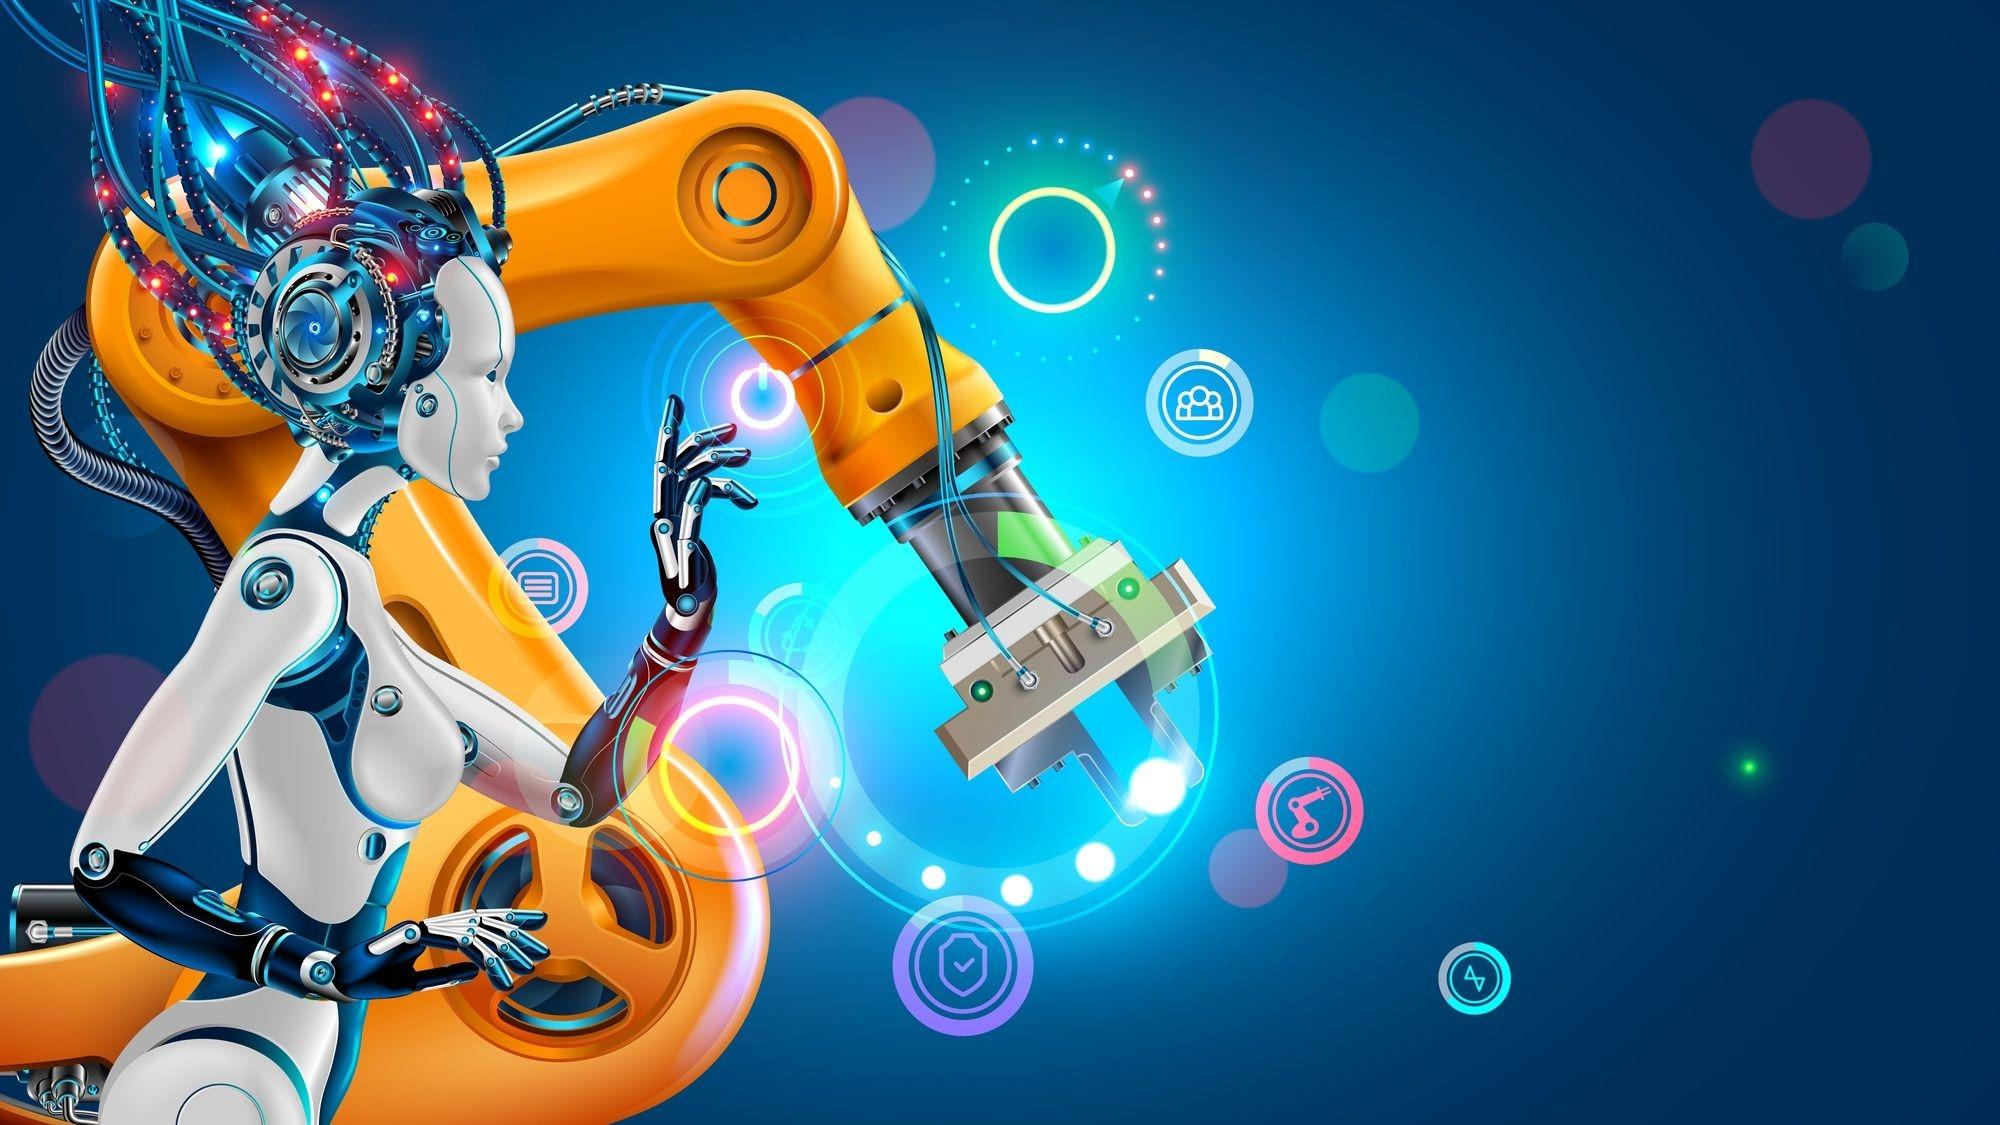 食品、小売、施設管理…ロボット導入が進まない業界。経産省の実証事業通じ改善目指す